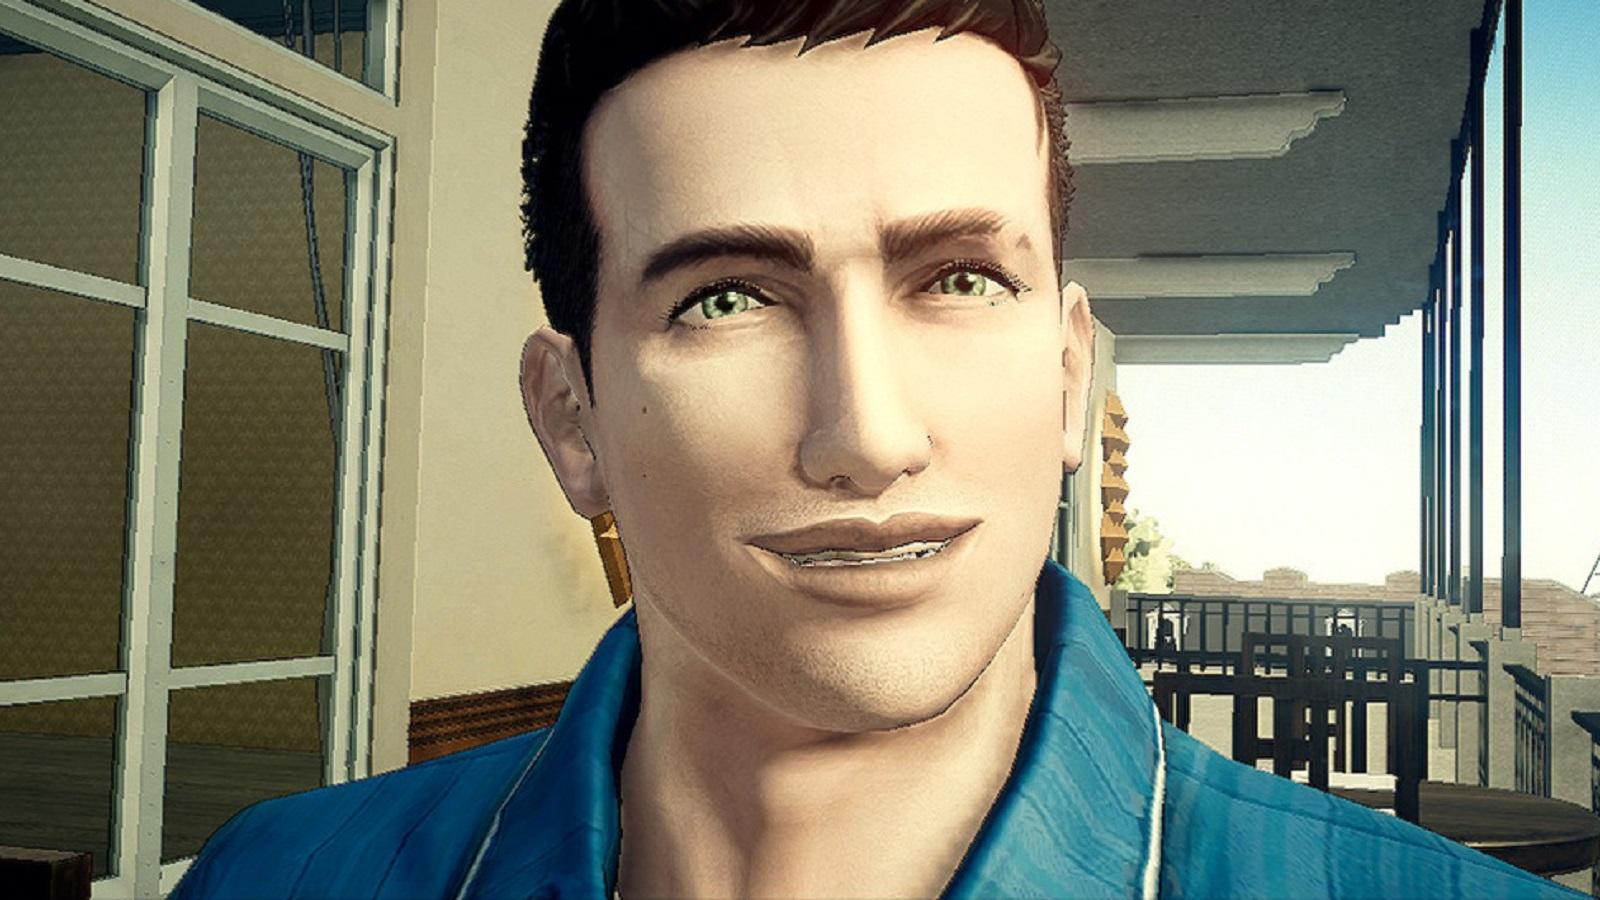 Утечка: детективное приключение Deadly Premonition 2: A Blessing in Disguise появится в Steam до конца этого года